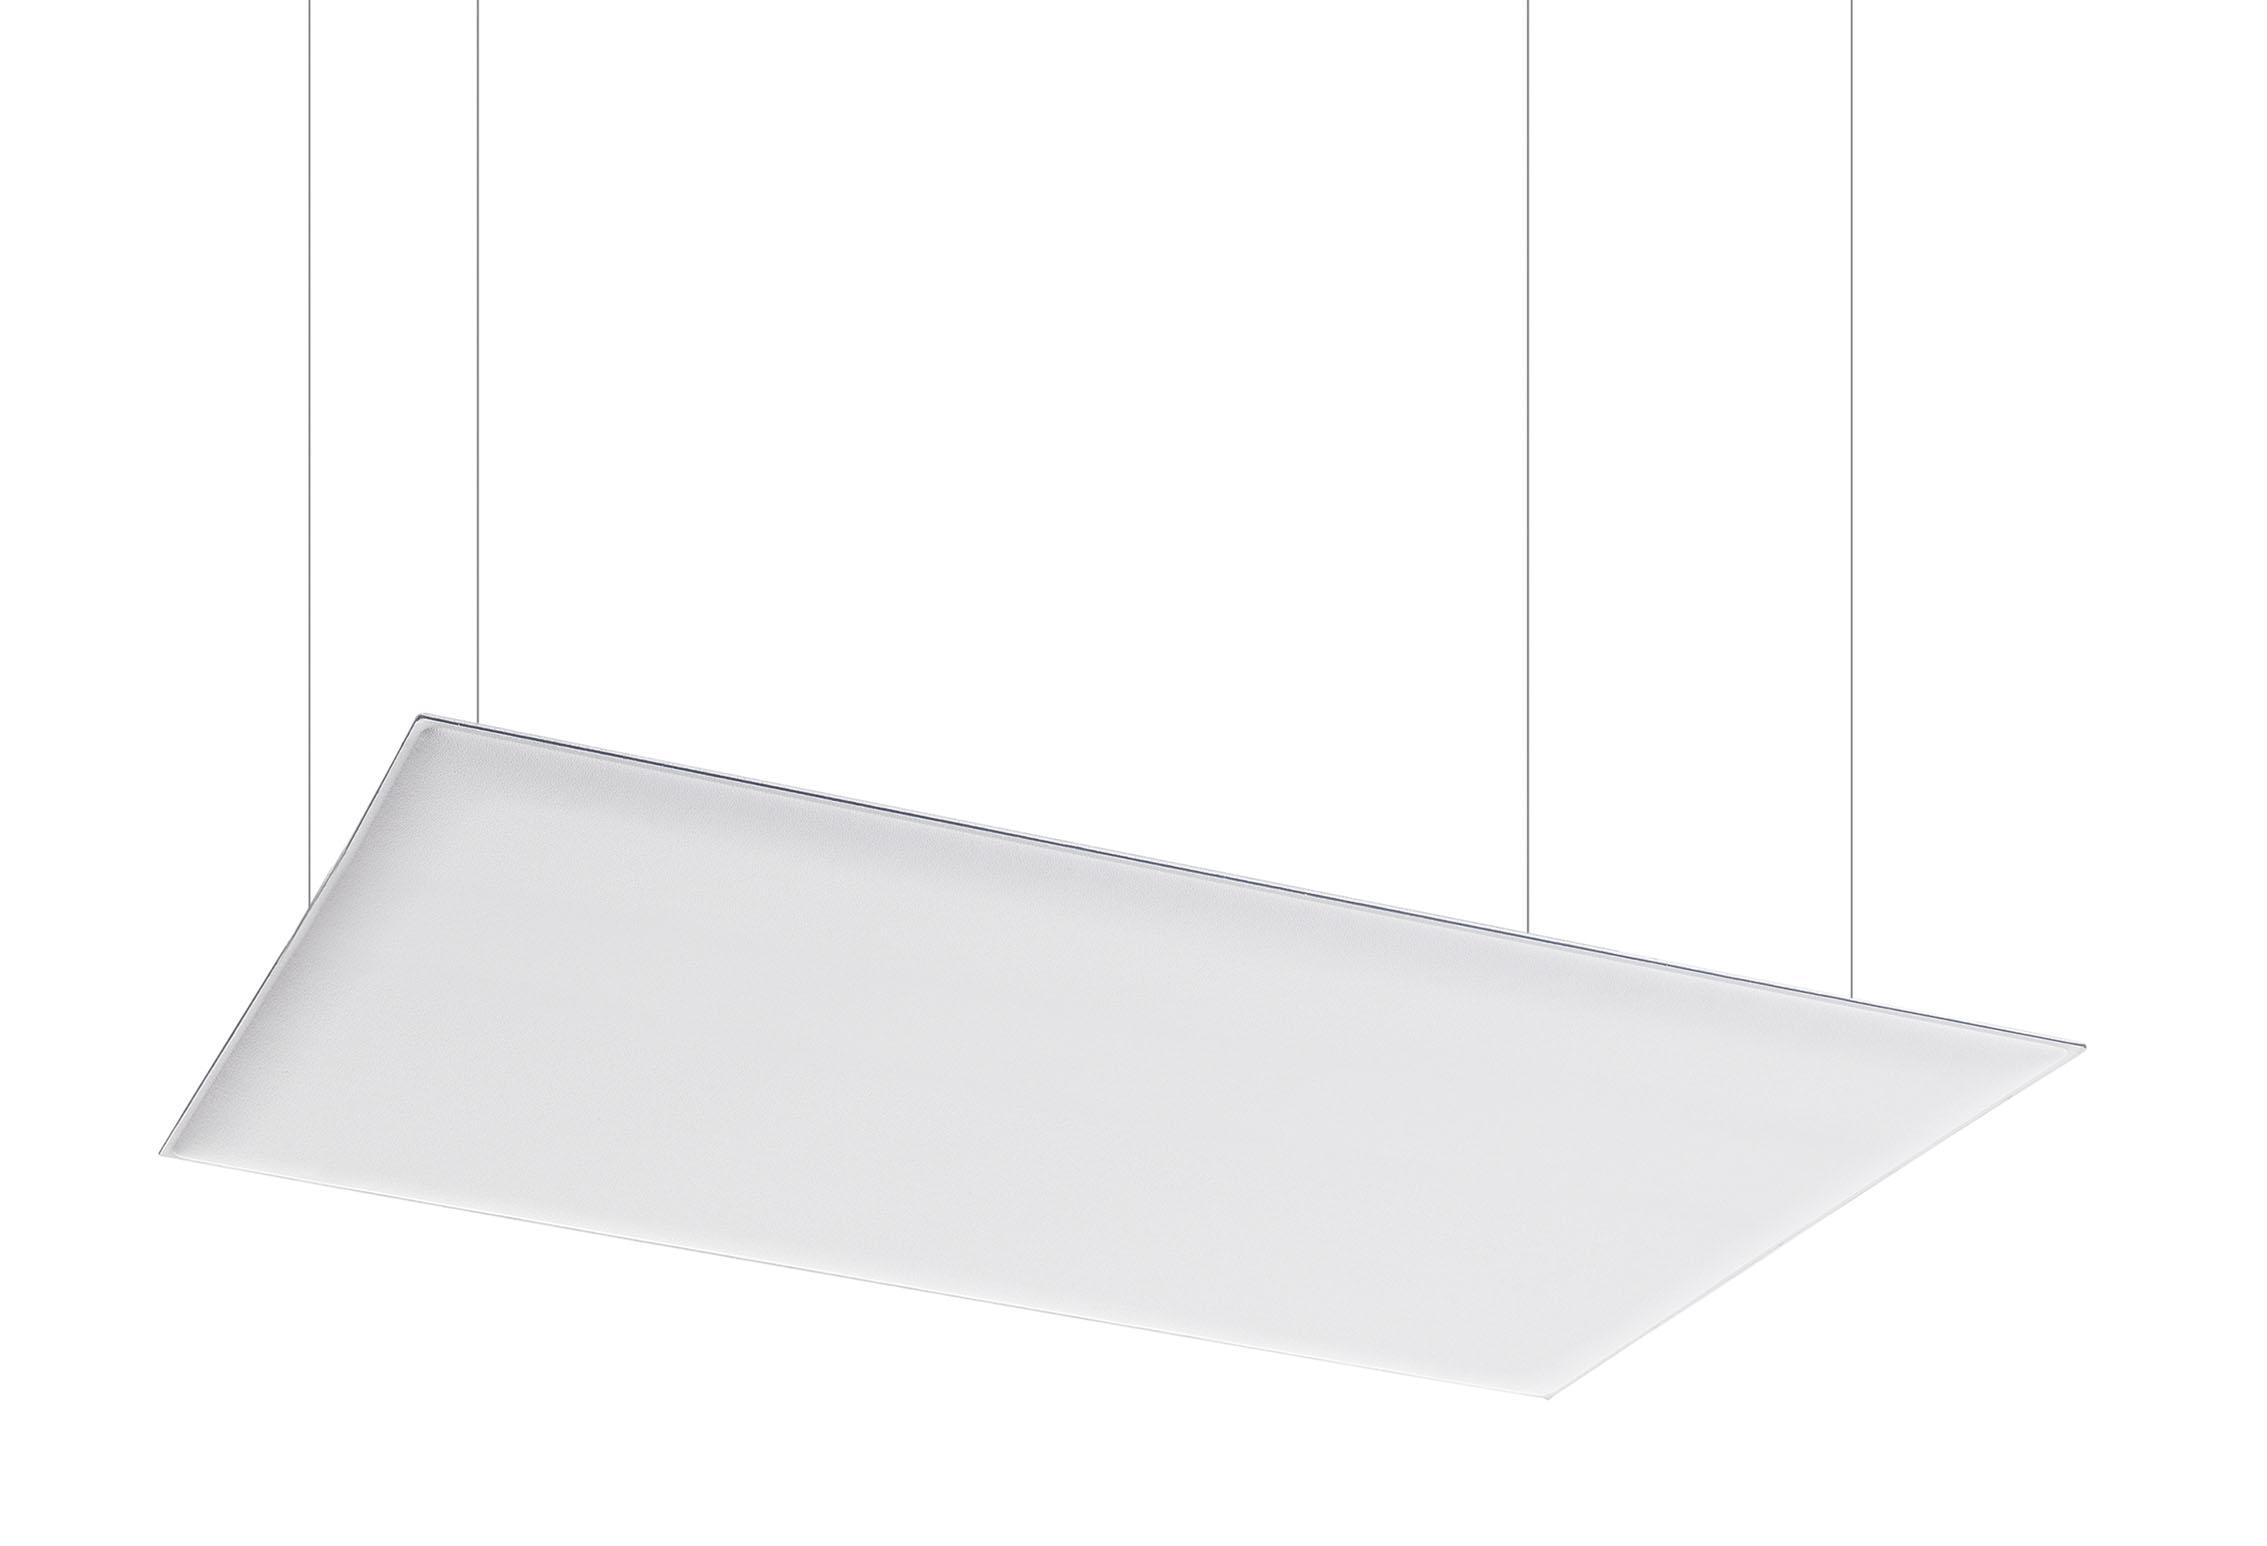 CAIMI Caimi Oversize Ceiling &  Oversize Ceiling Cables - Gamme de panneaux acoustiques plafond